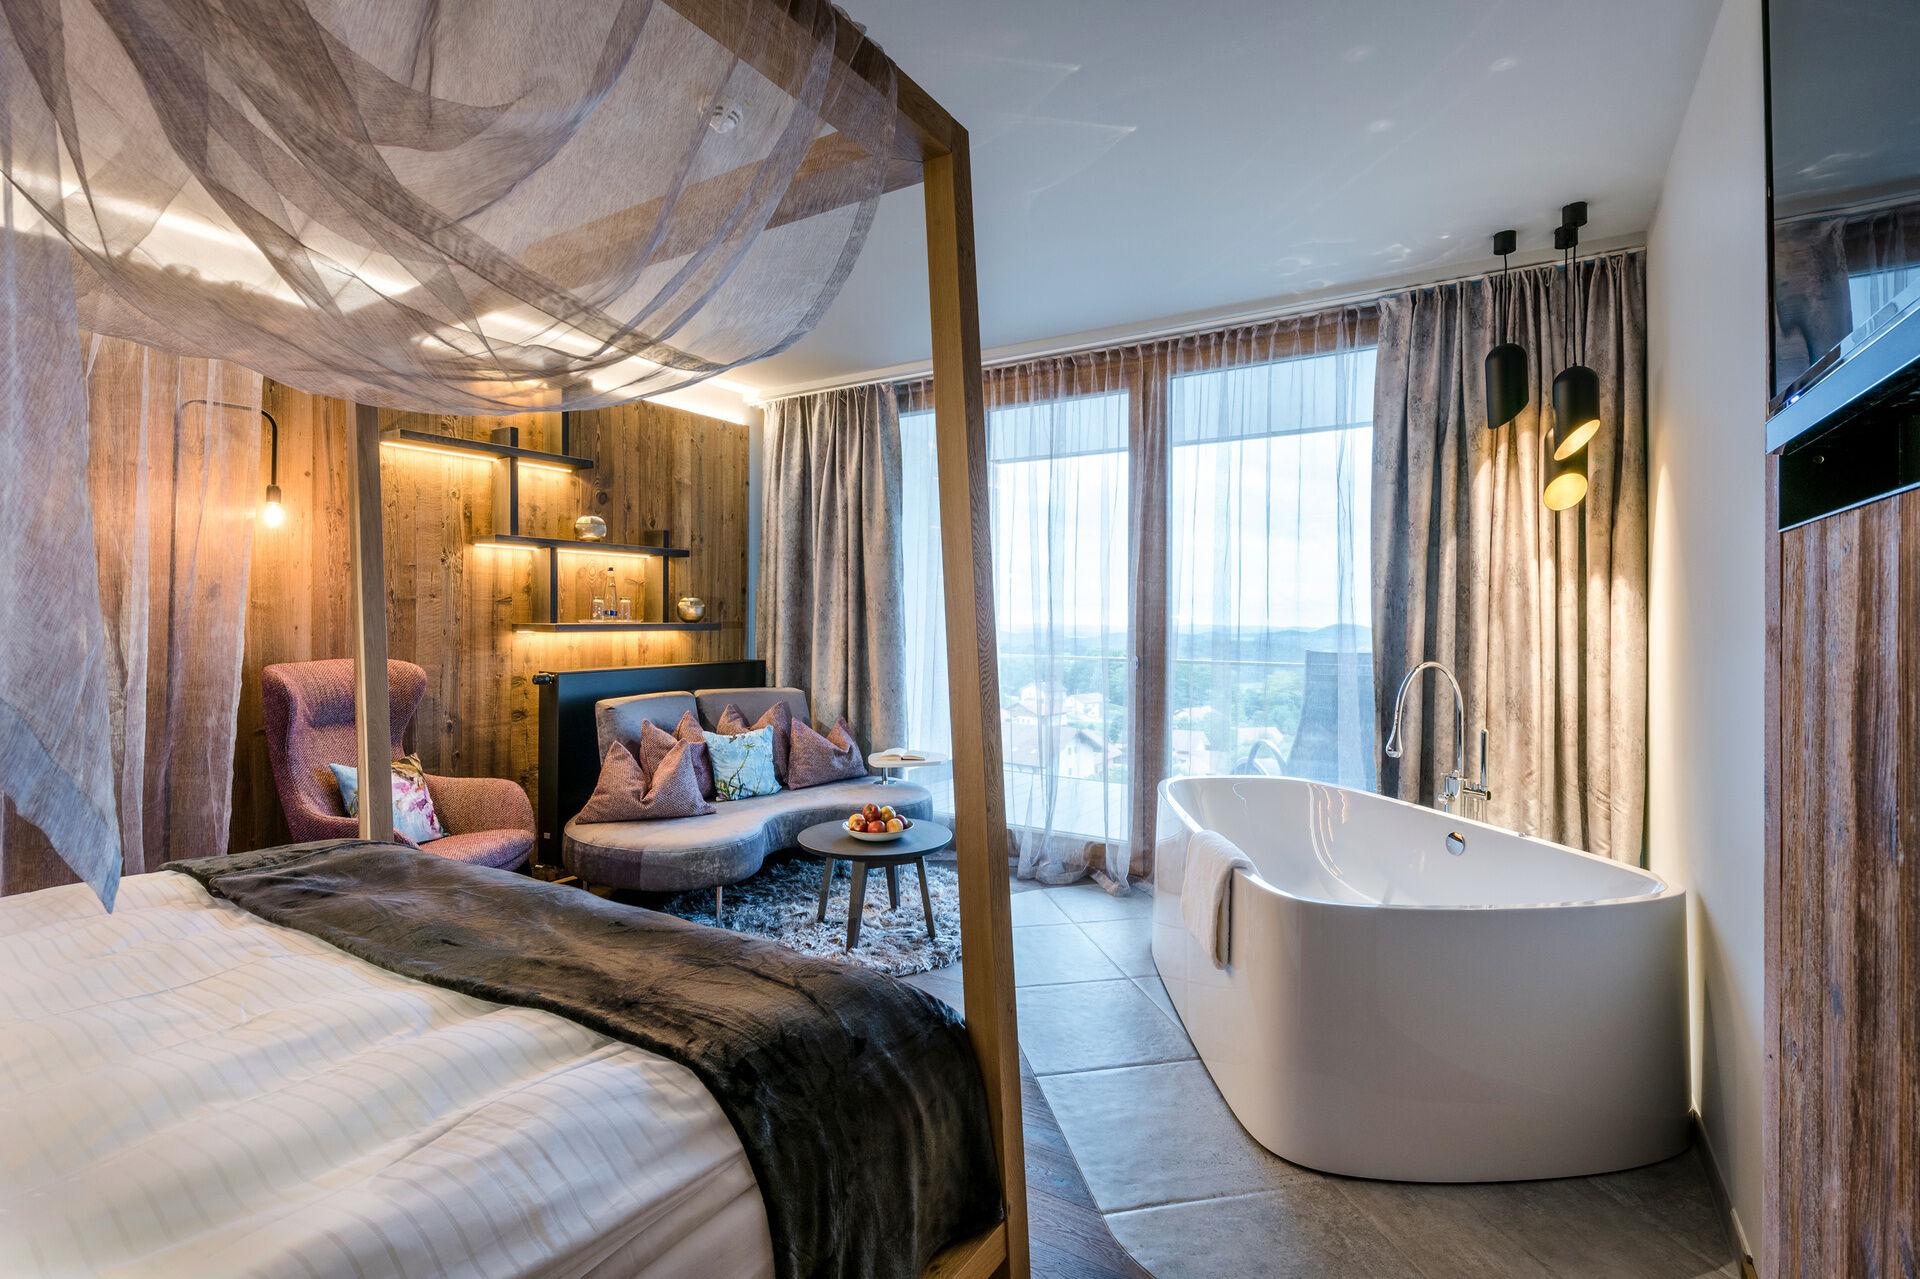 Liebeszauber deluxe hotel zimmer mit whirlpool im for Design wellnesshotel nrw